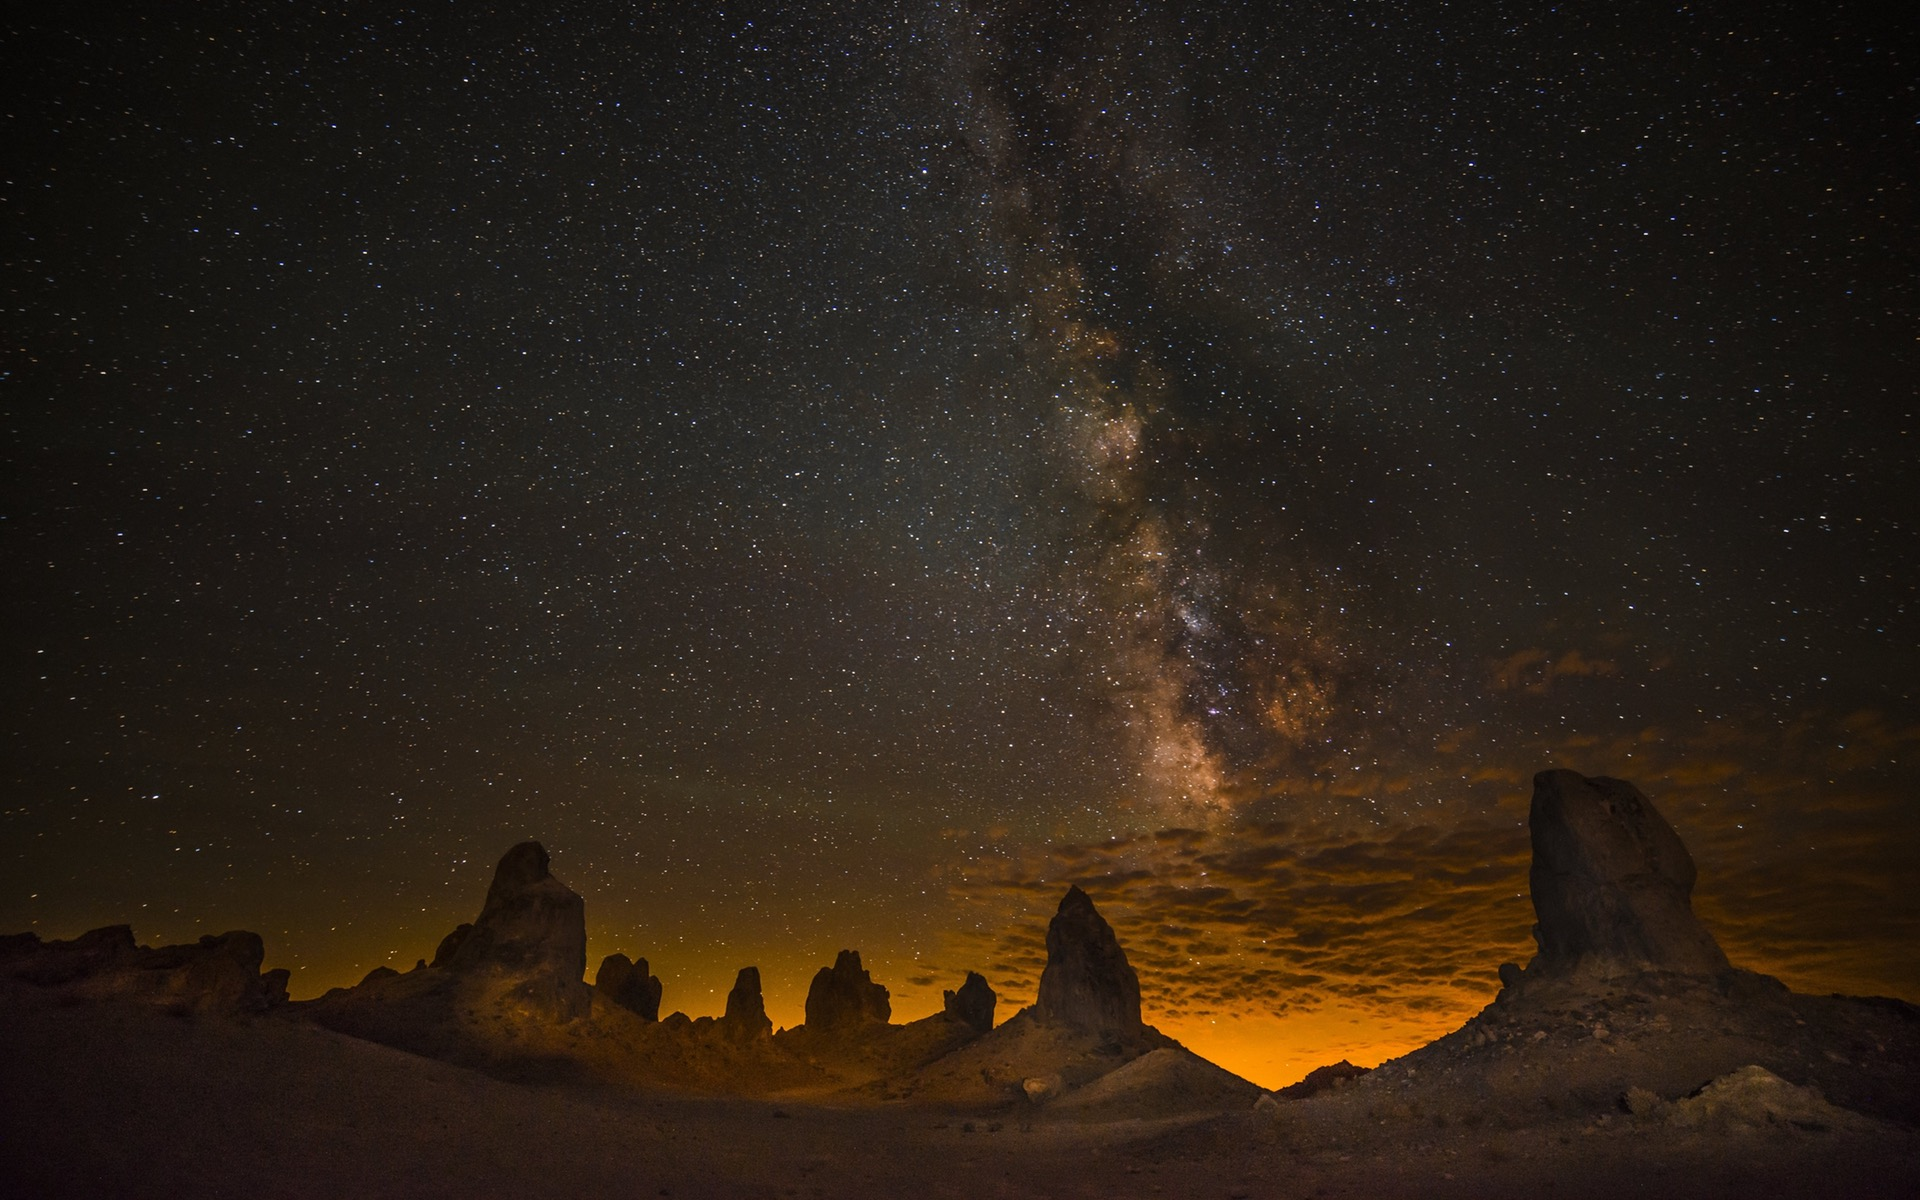 desert-night-wallpapers-widescreen-1920x1200.jpg